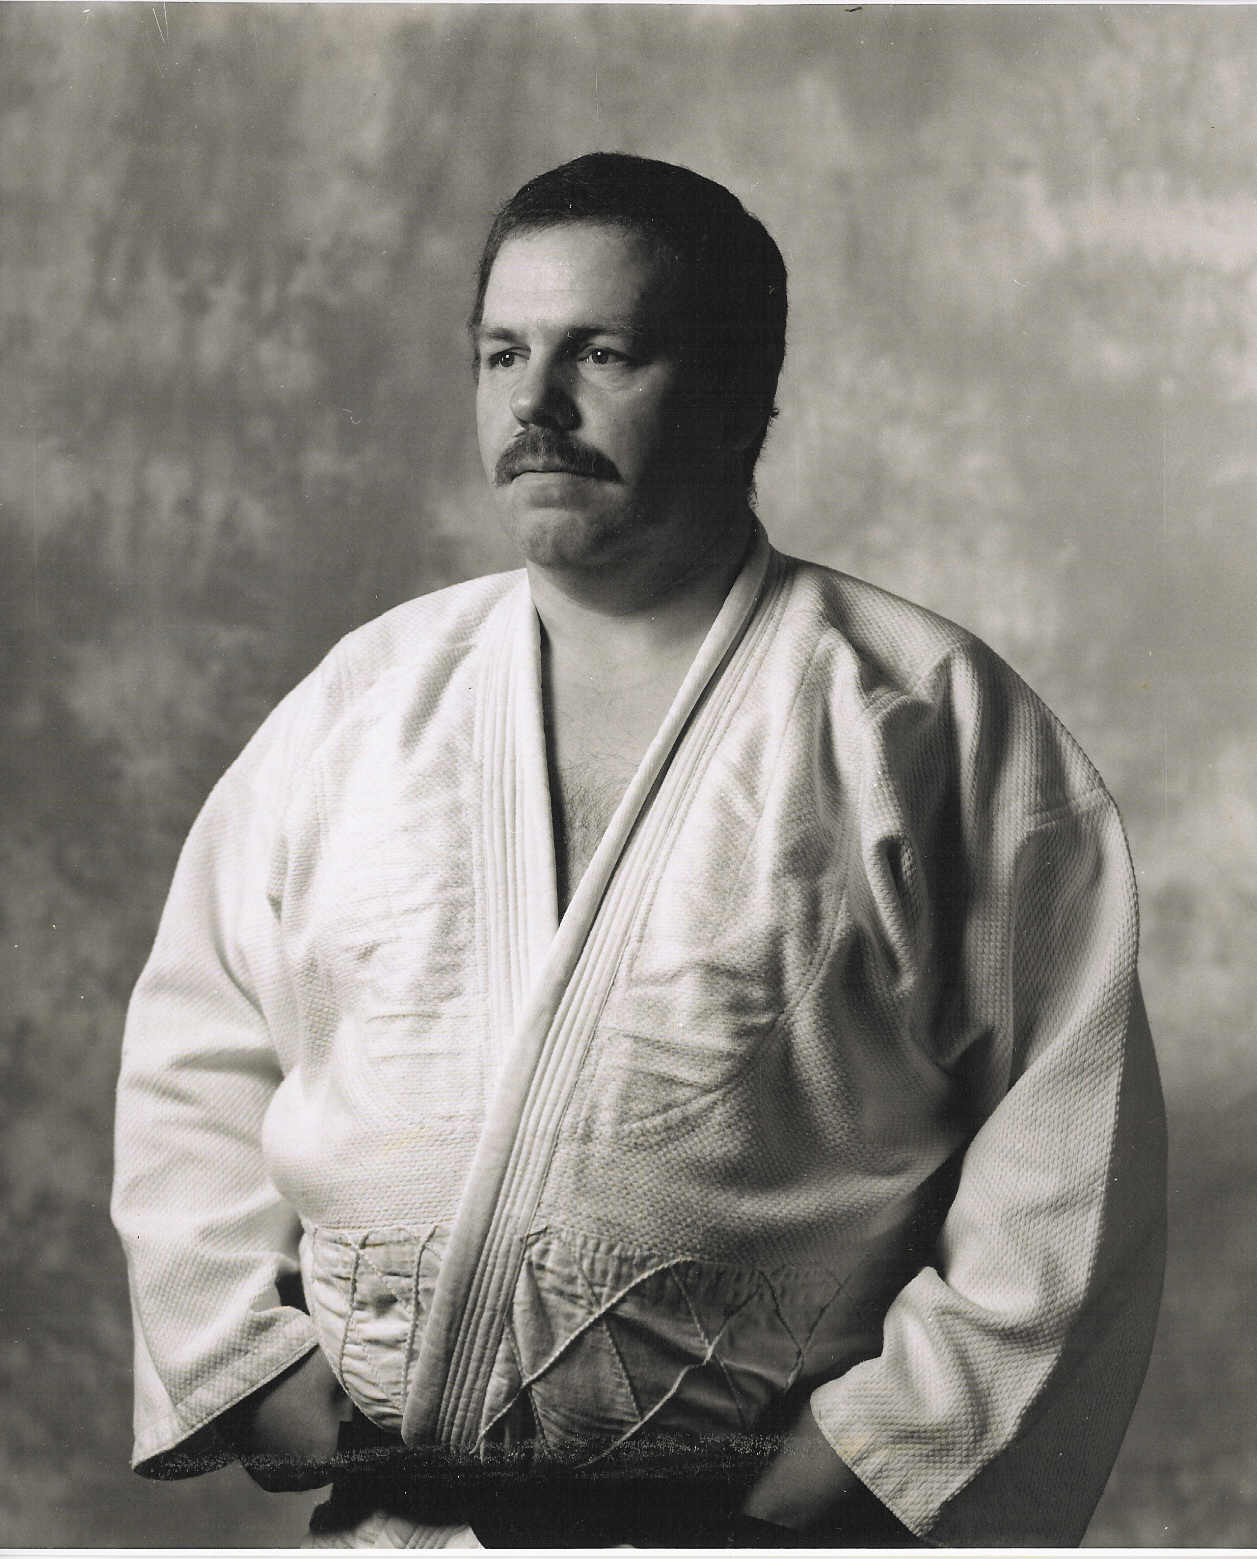 David Price in his Judo suit